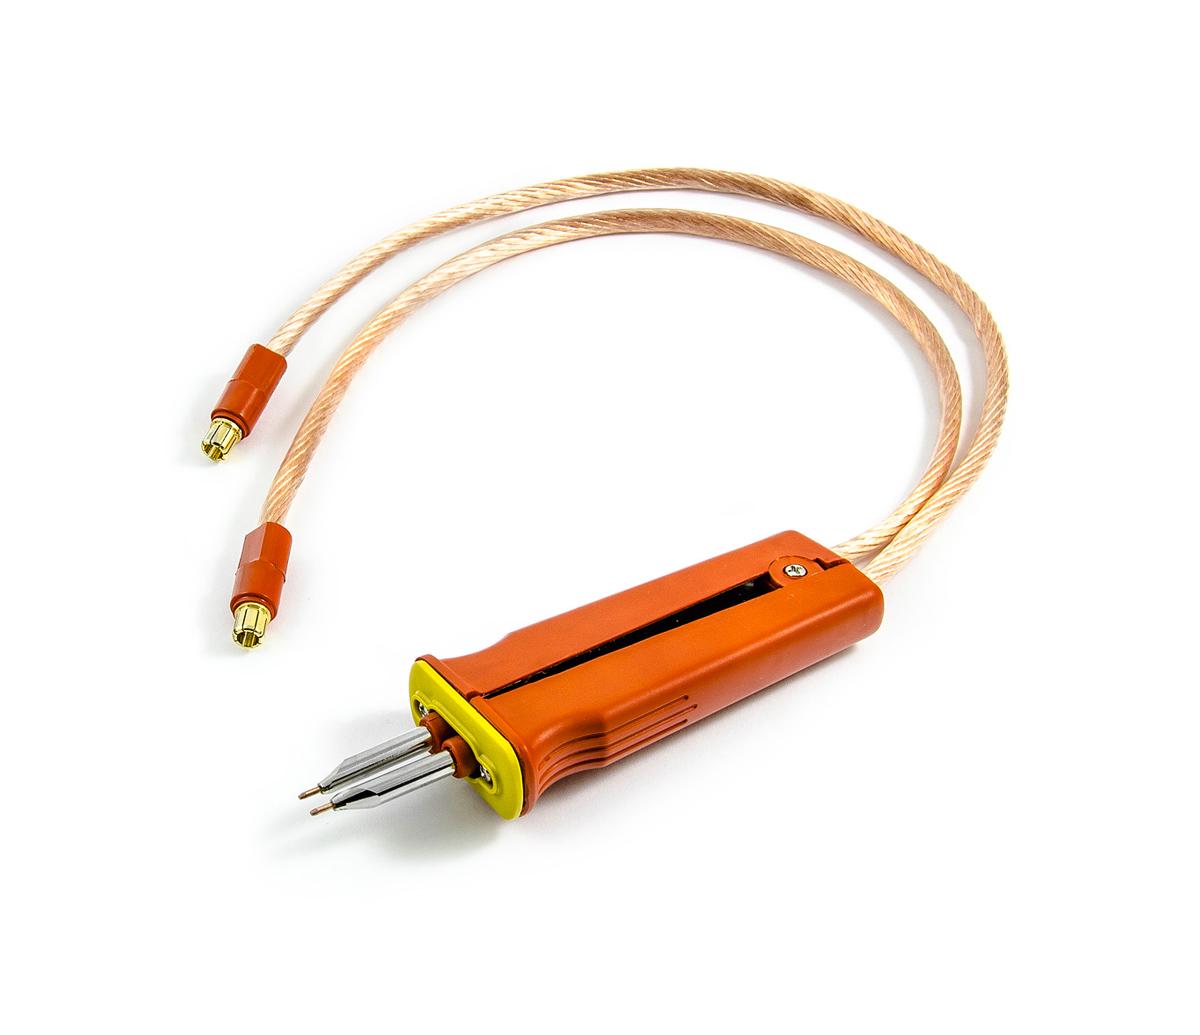 Svařovací kleště (elektrody) ke svářečce baterií Sunkko 709A